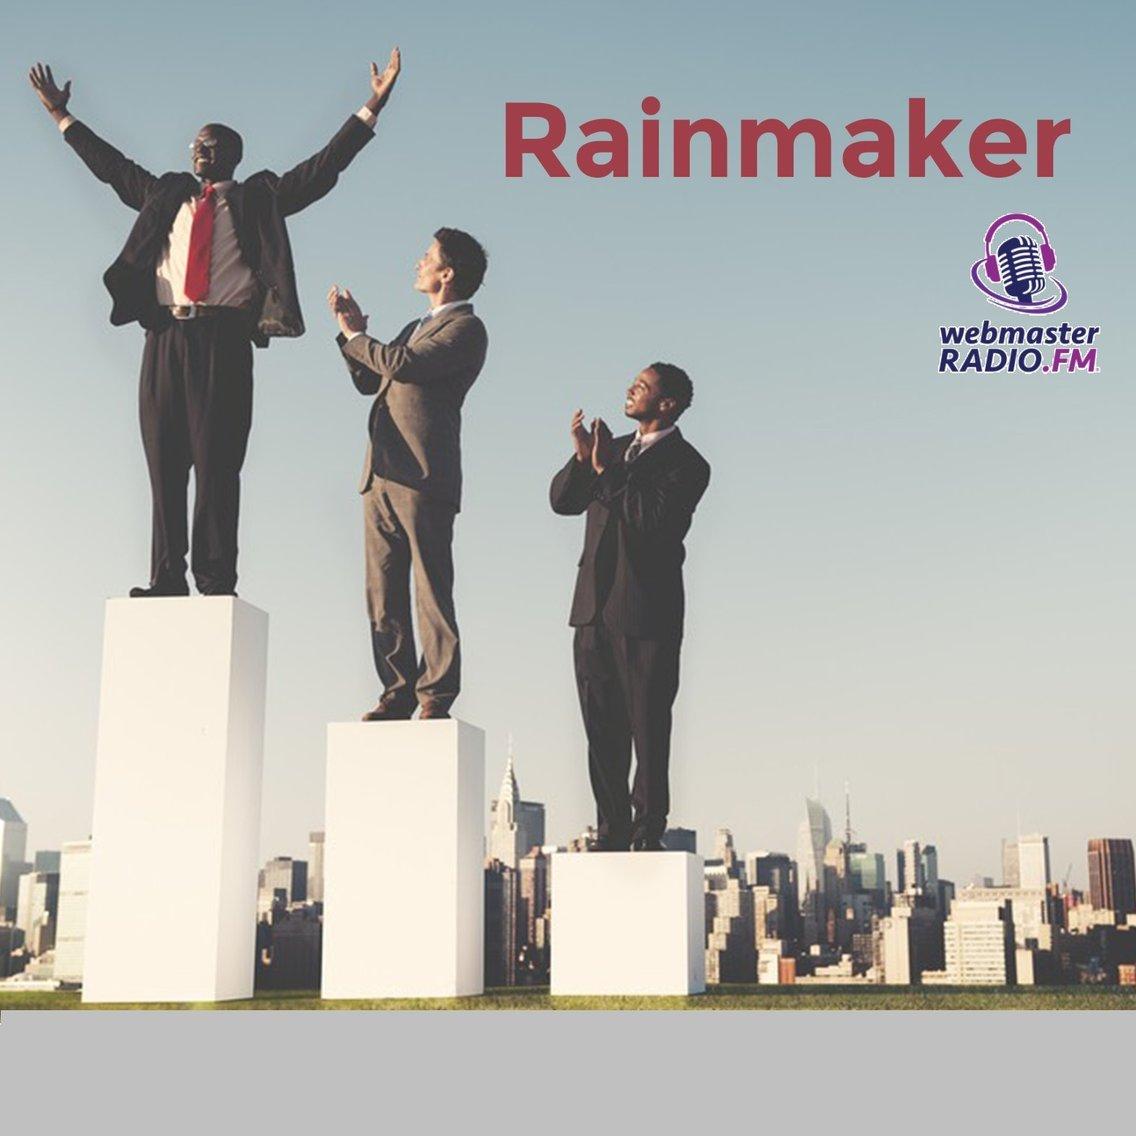 Rainmaker - imagen de portada